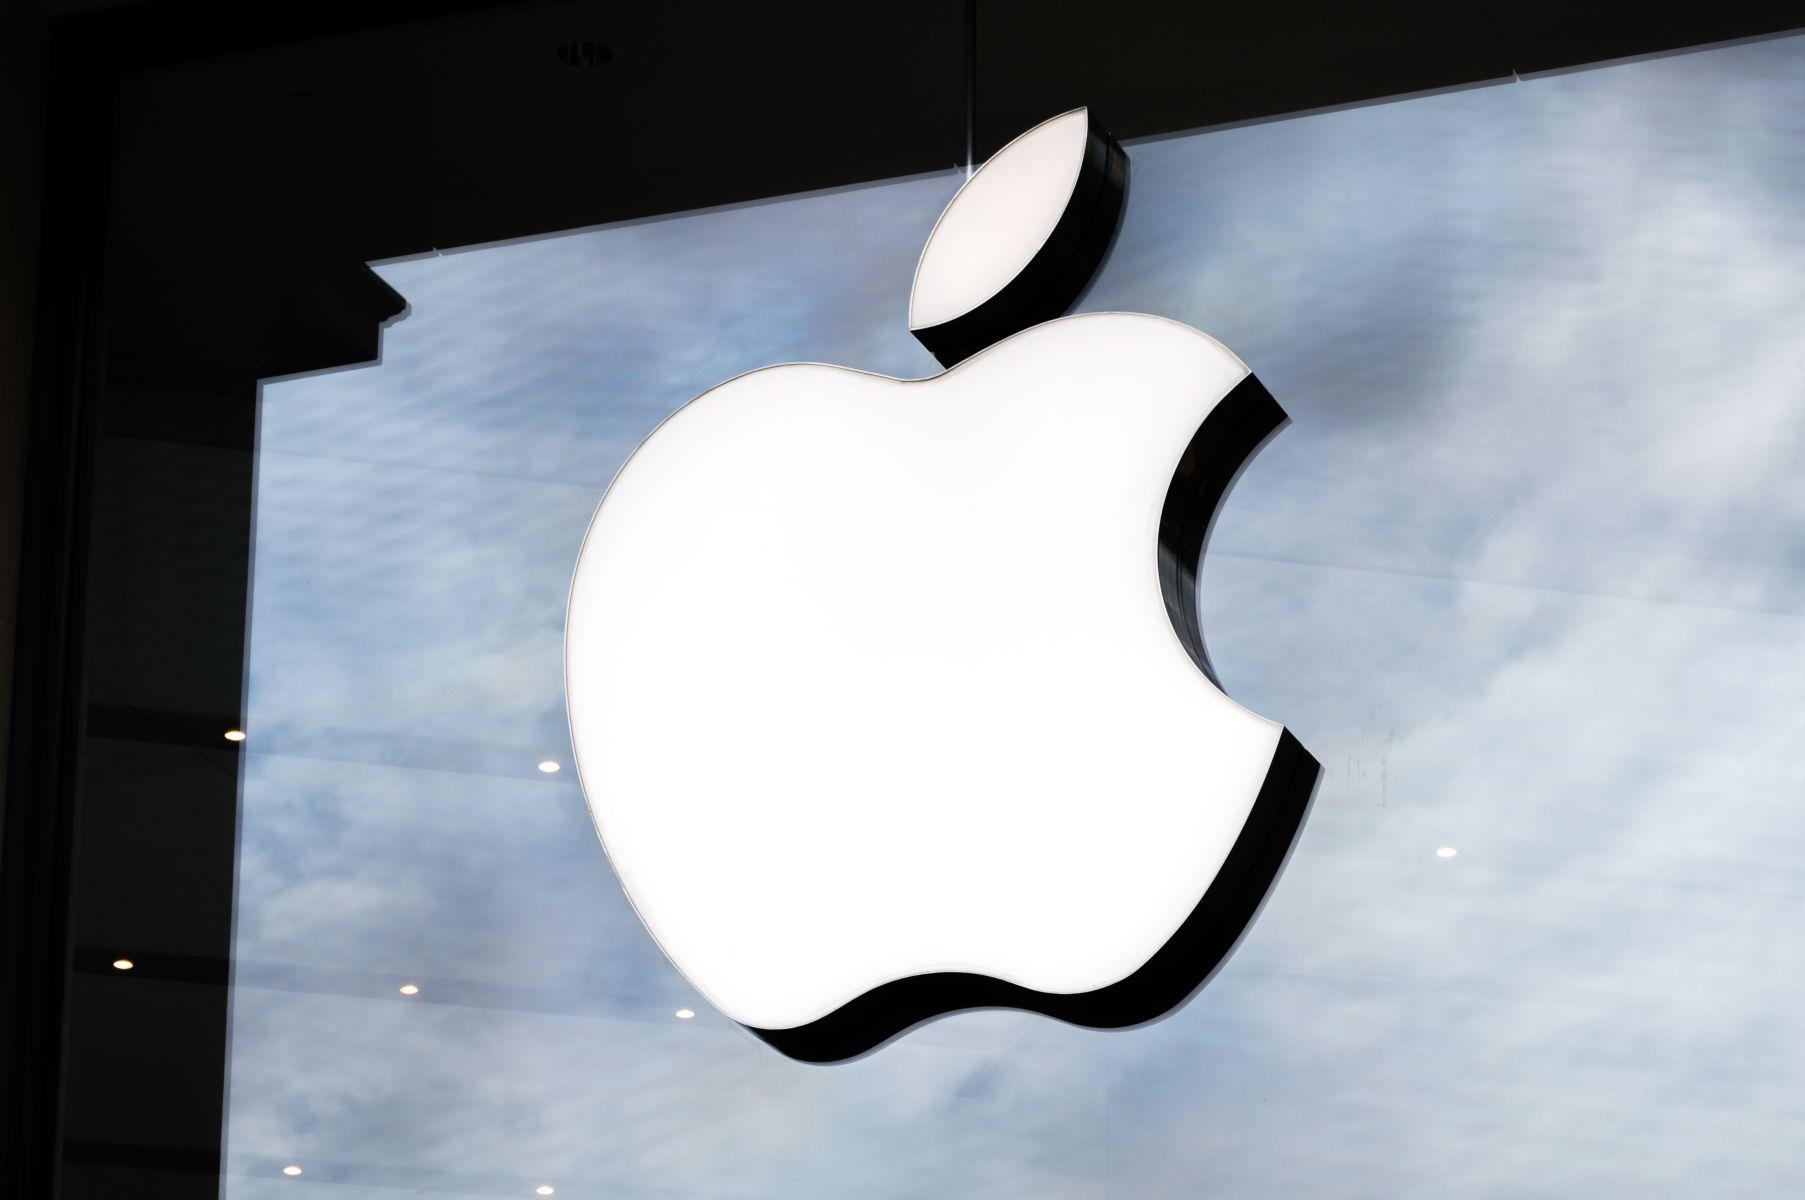 蘋果和高通達成世紀和解 高通飆高逾23% 晶片族群狂歡